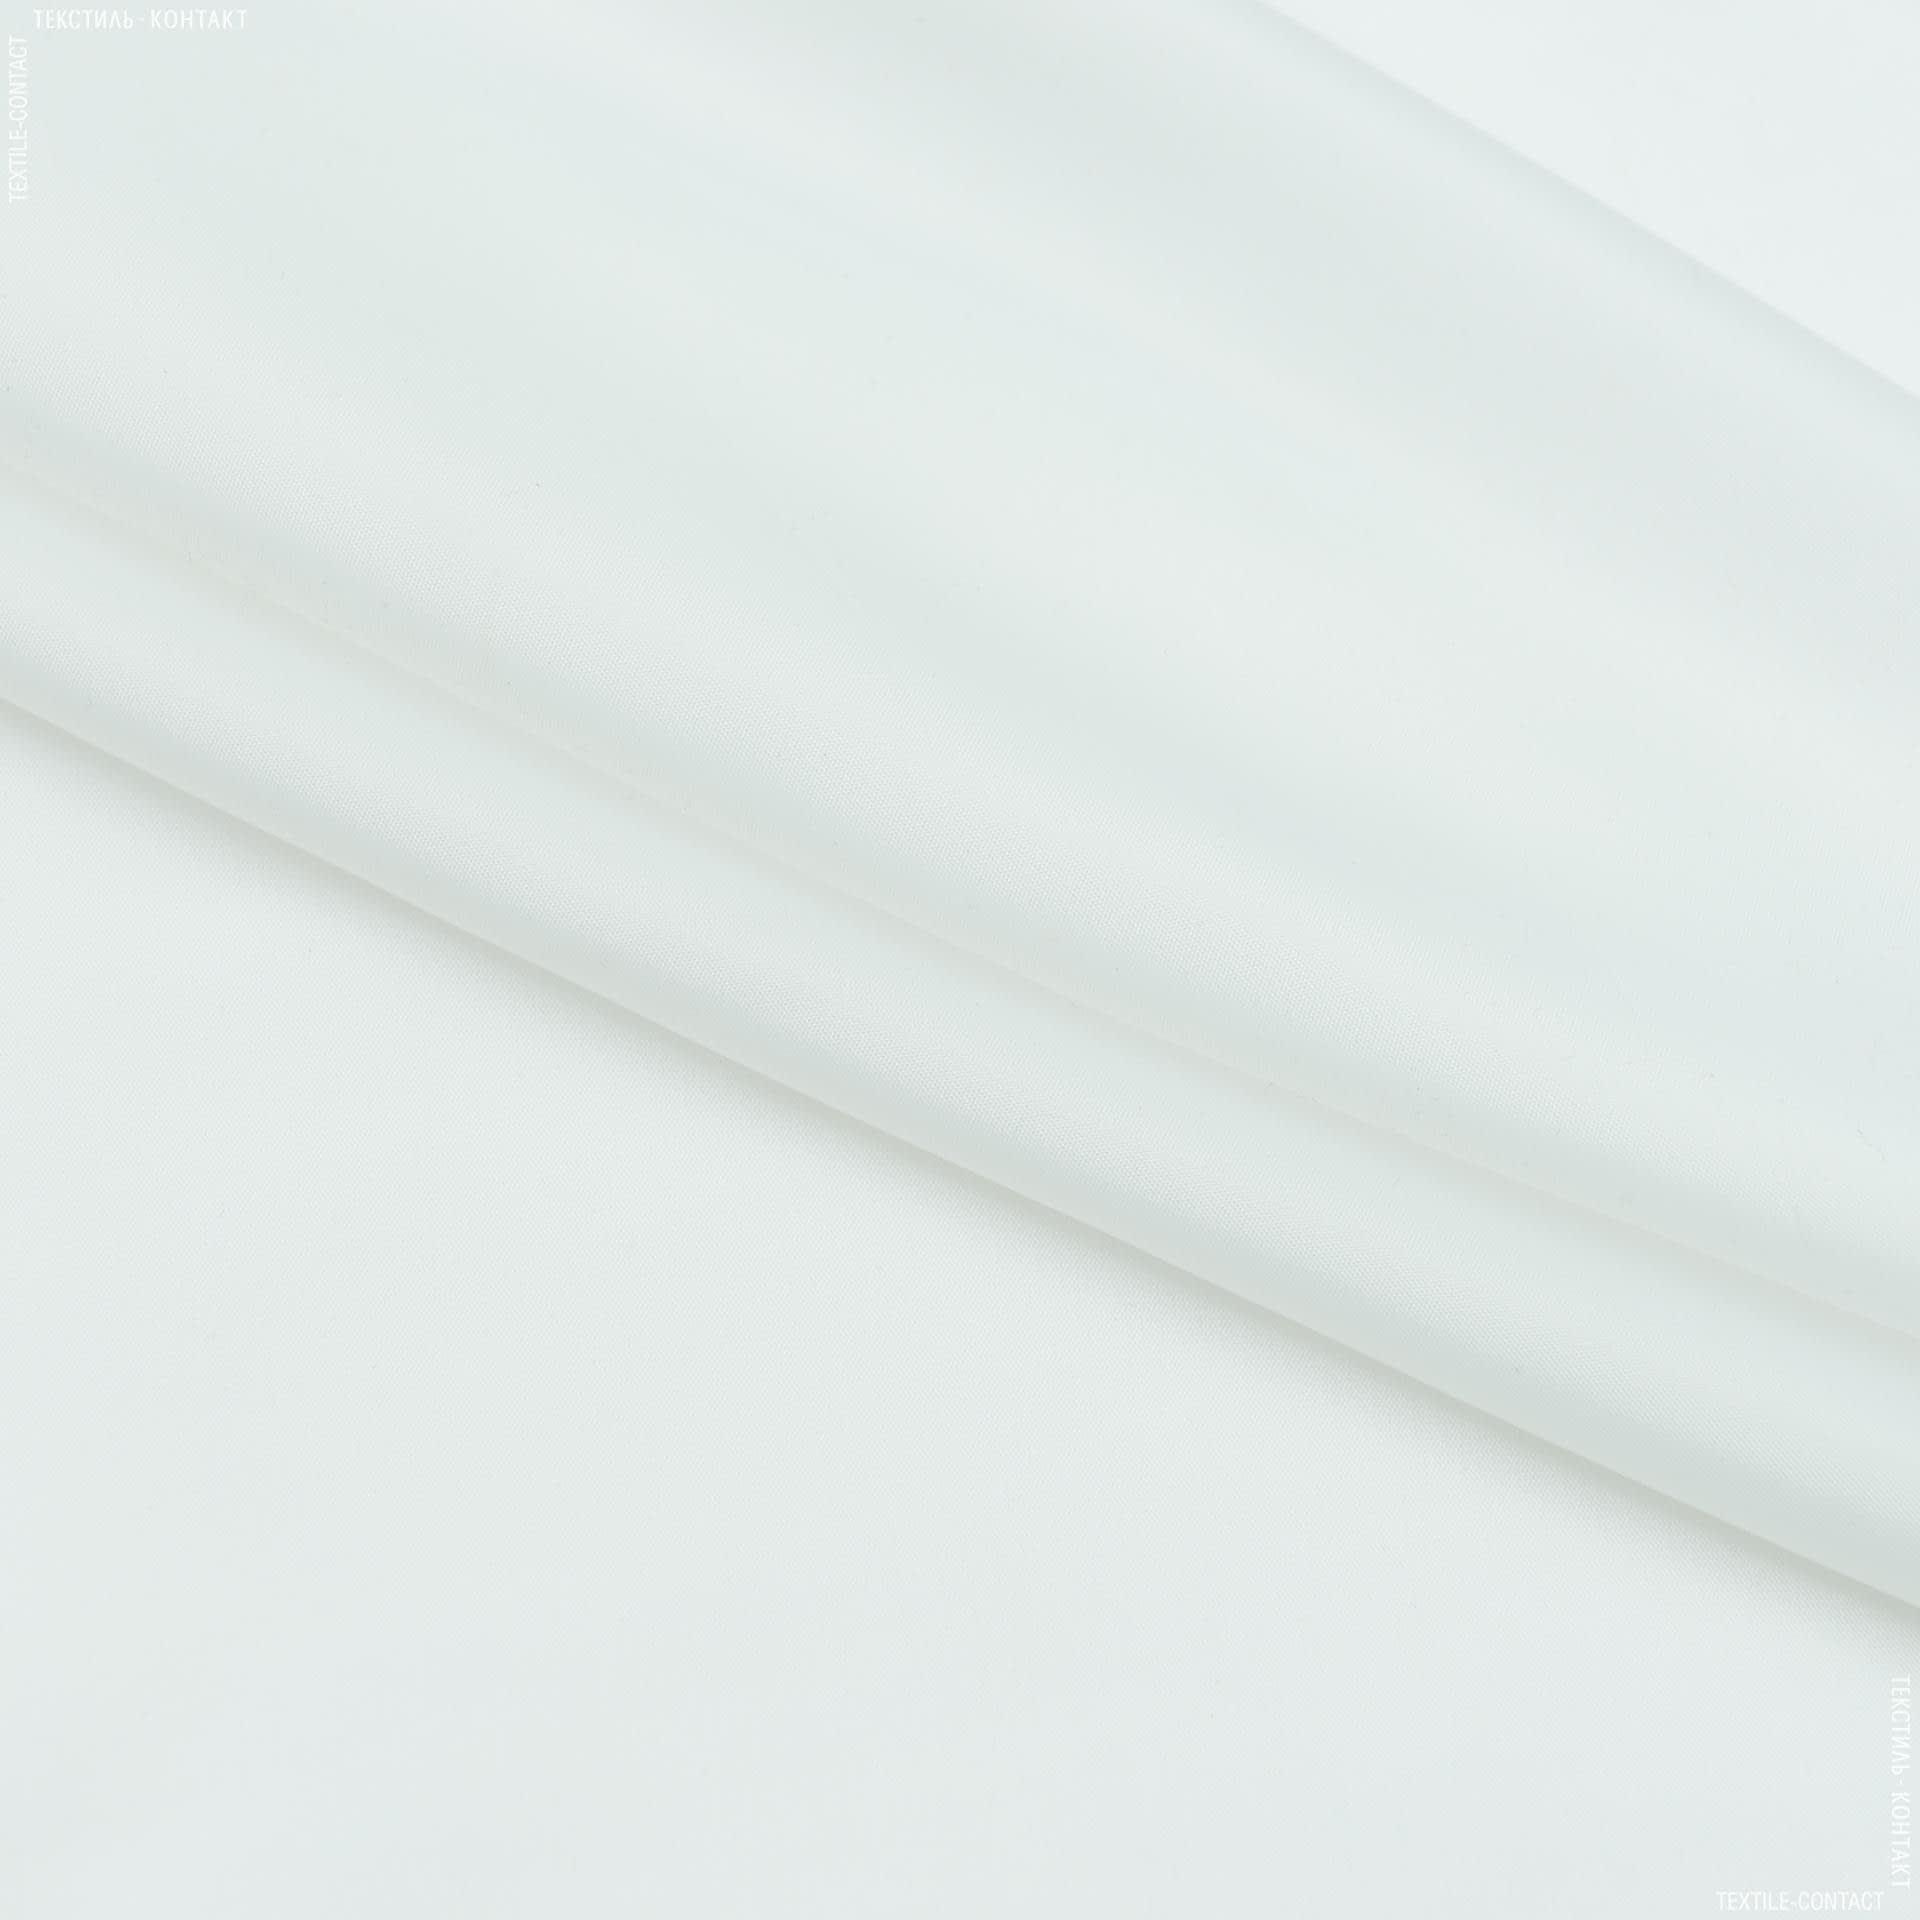 Тканини підкладкова тканина - Підкладка 190т молочний